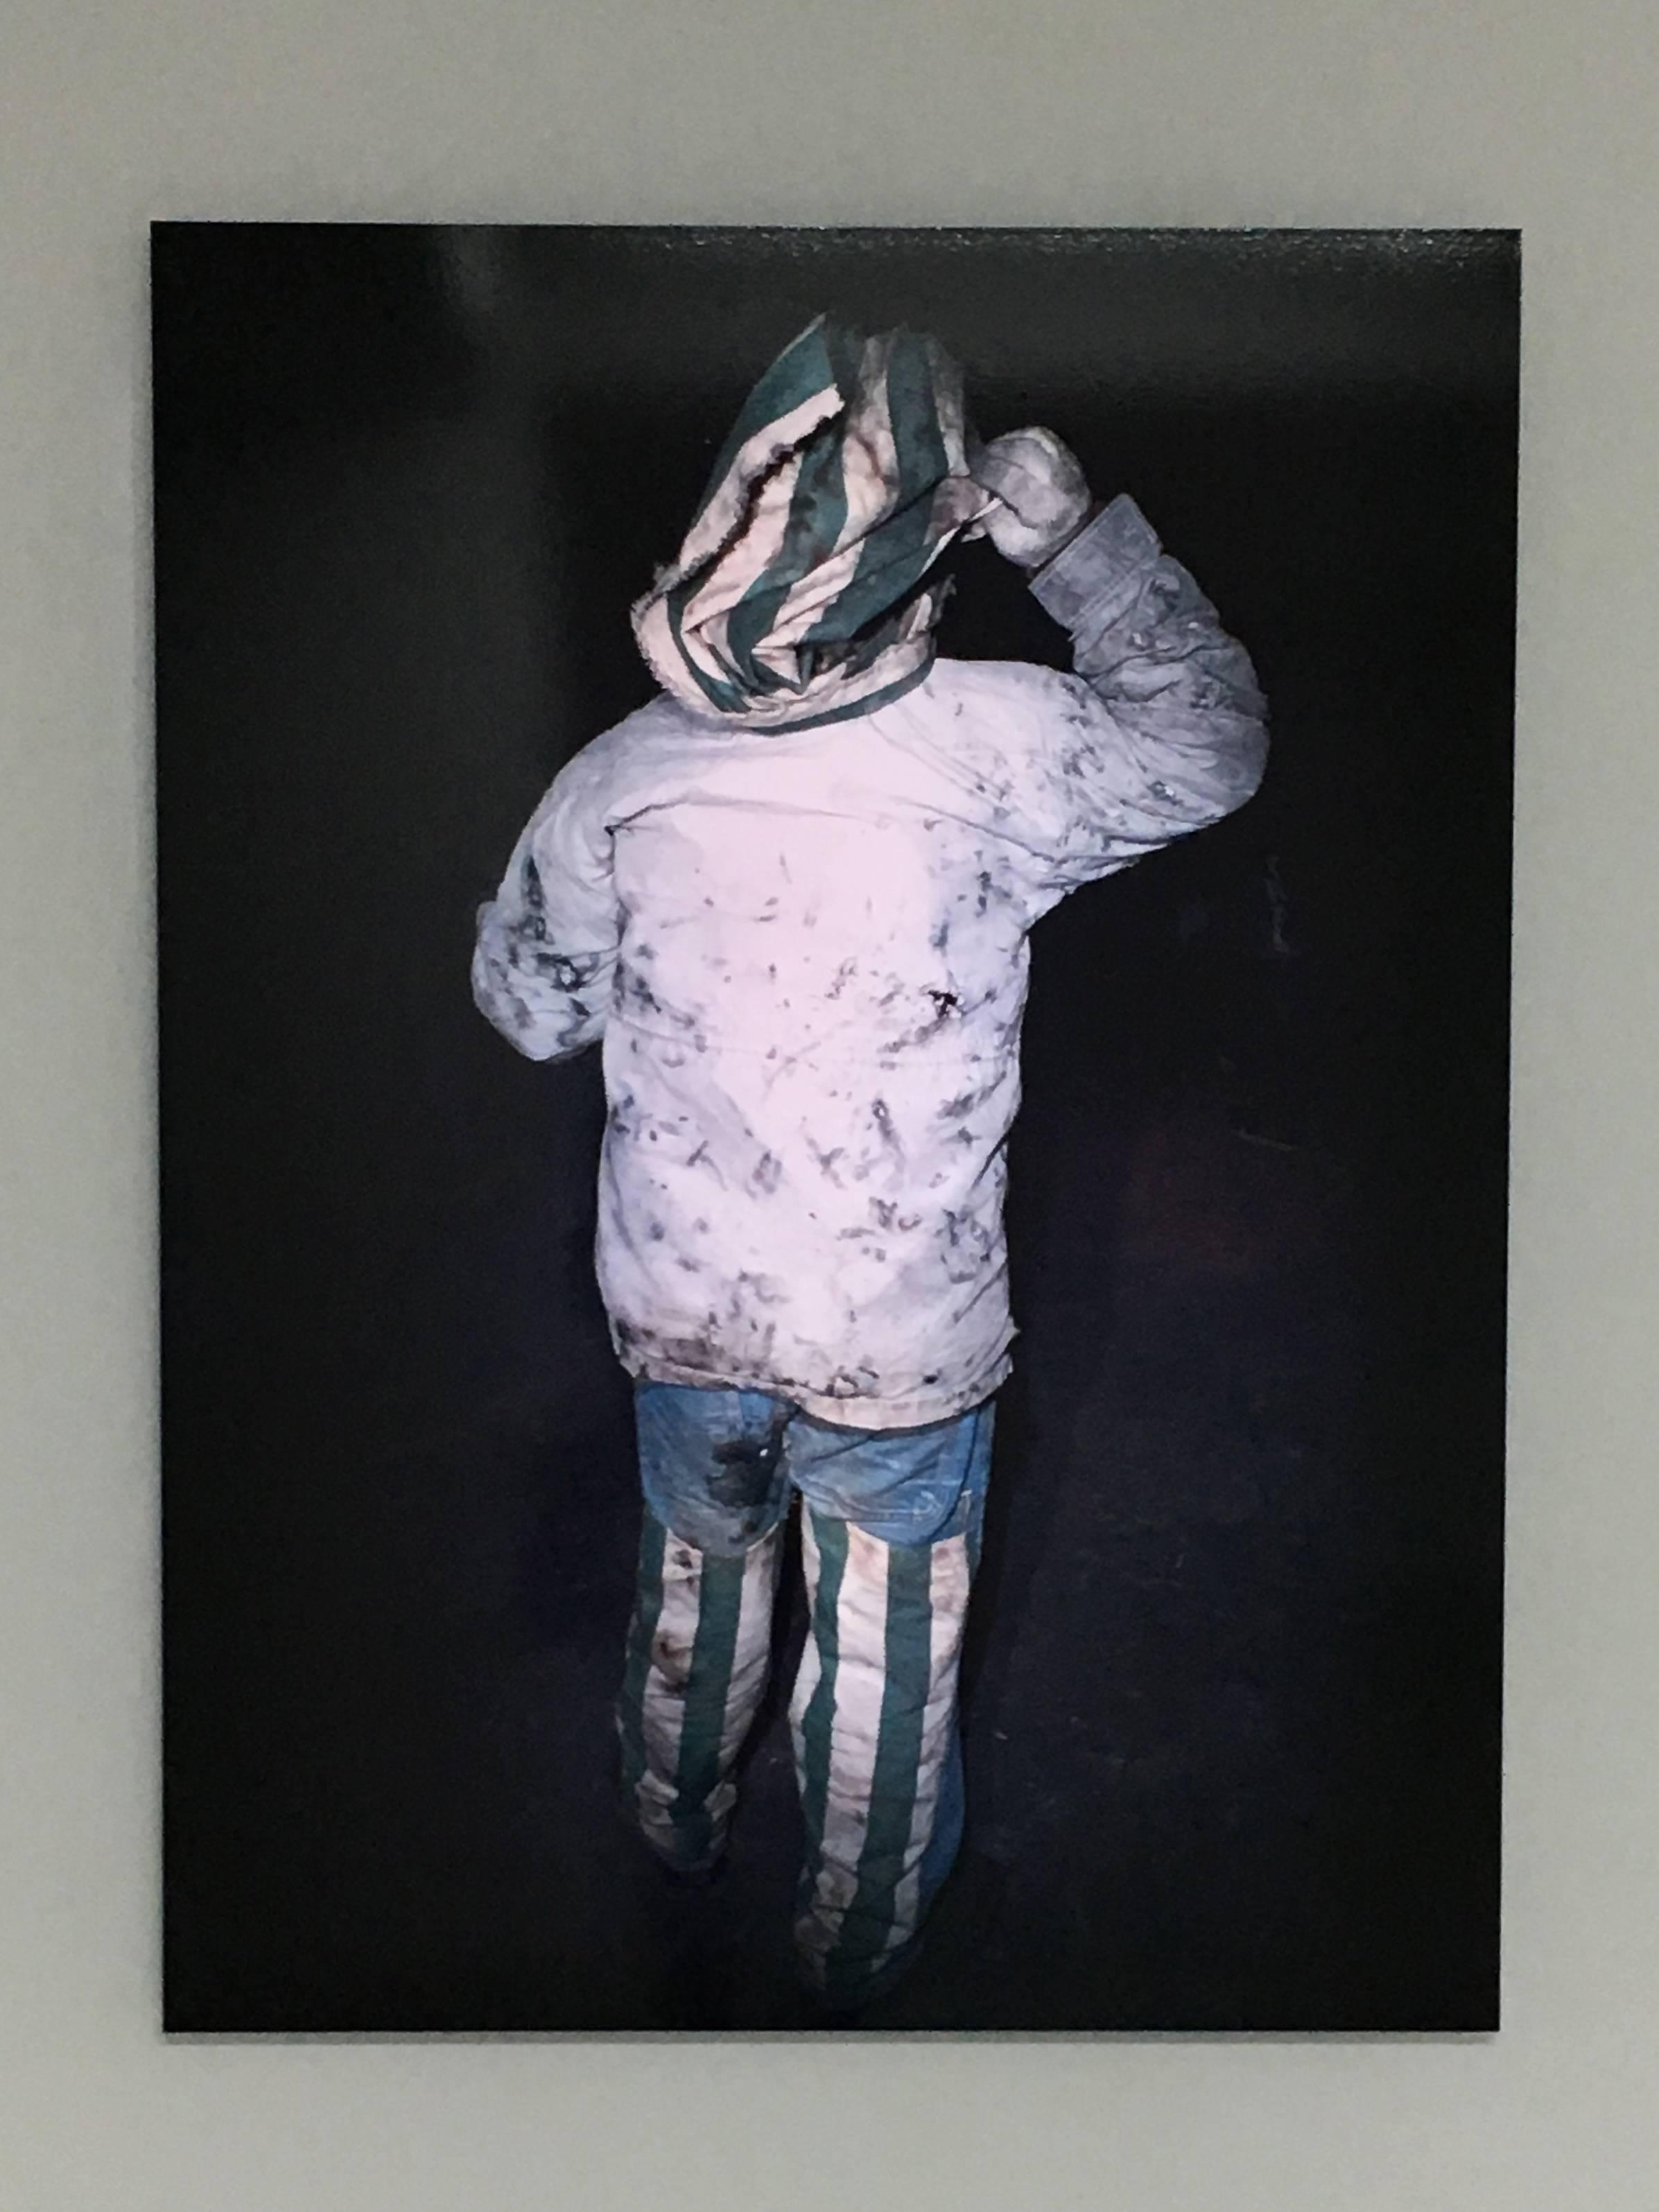 陳伯義,《食砲人 - III》,75 x 100 cm,雷射輸出彩色銀鹽相紙,1/8,2012。